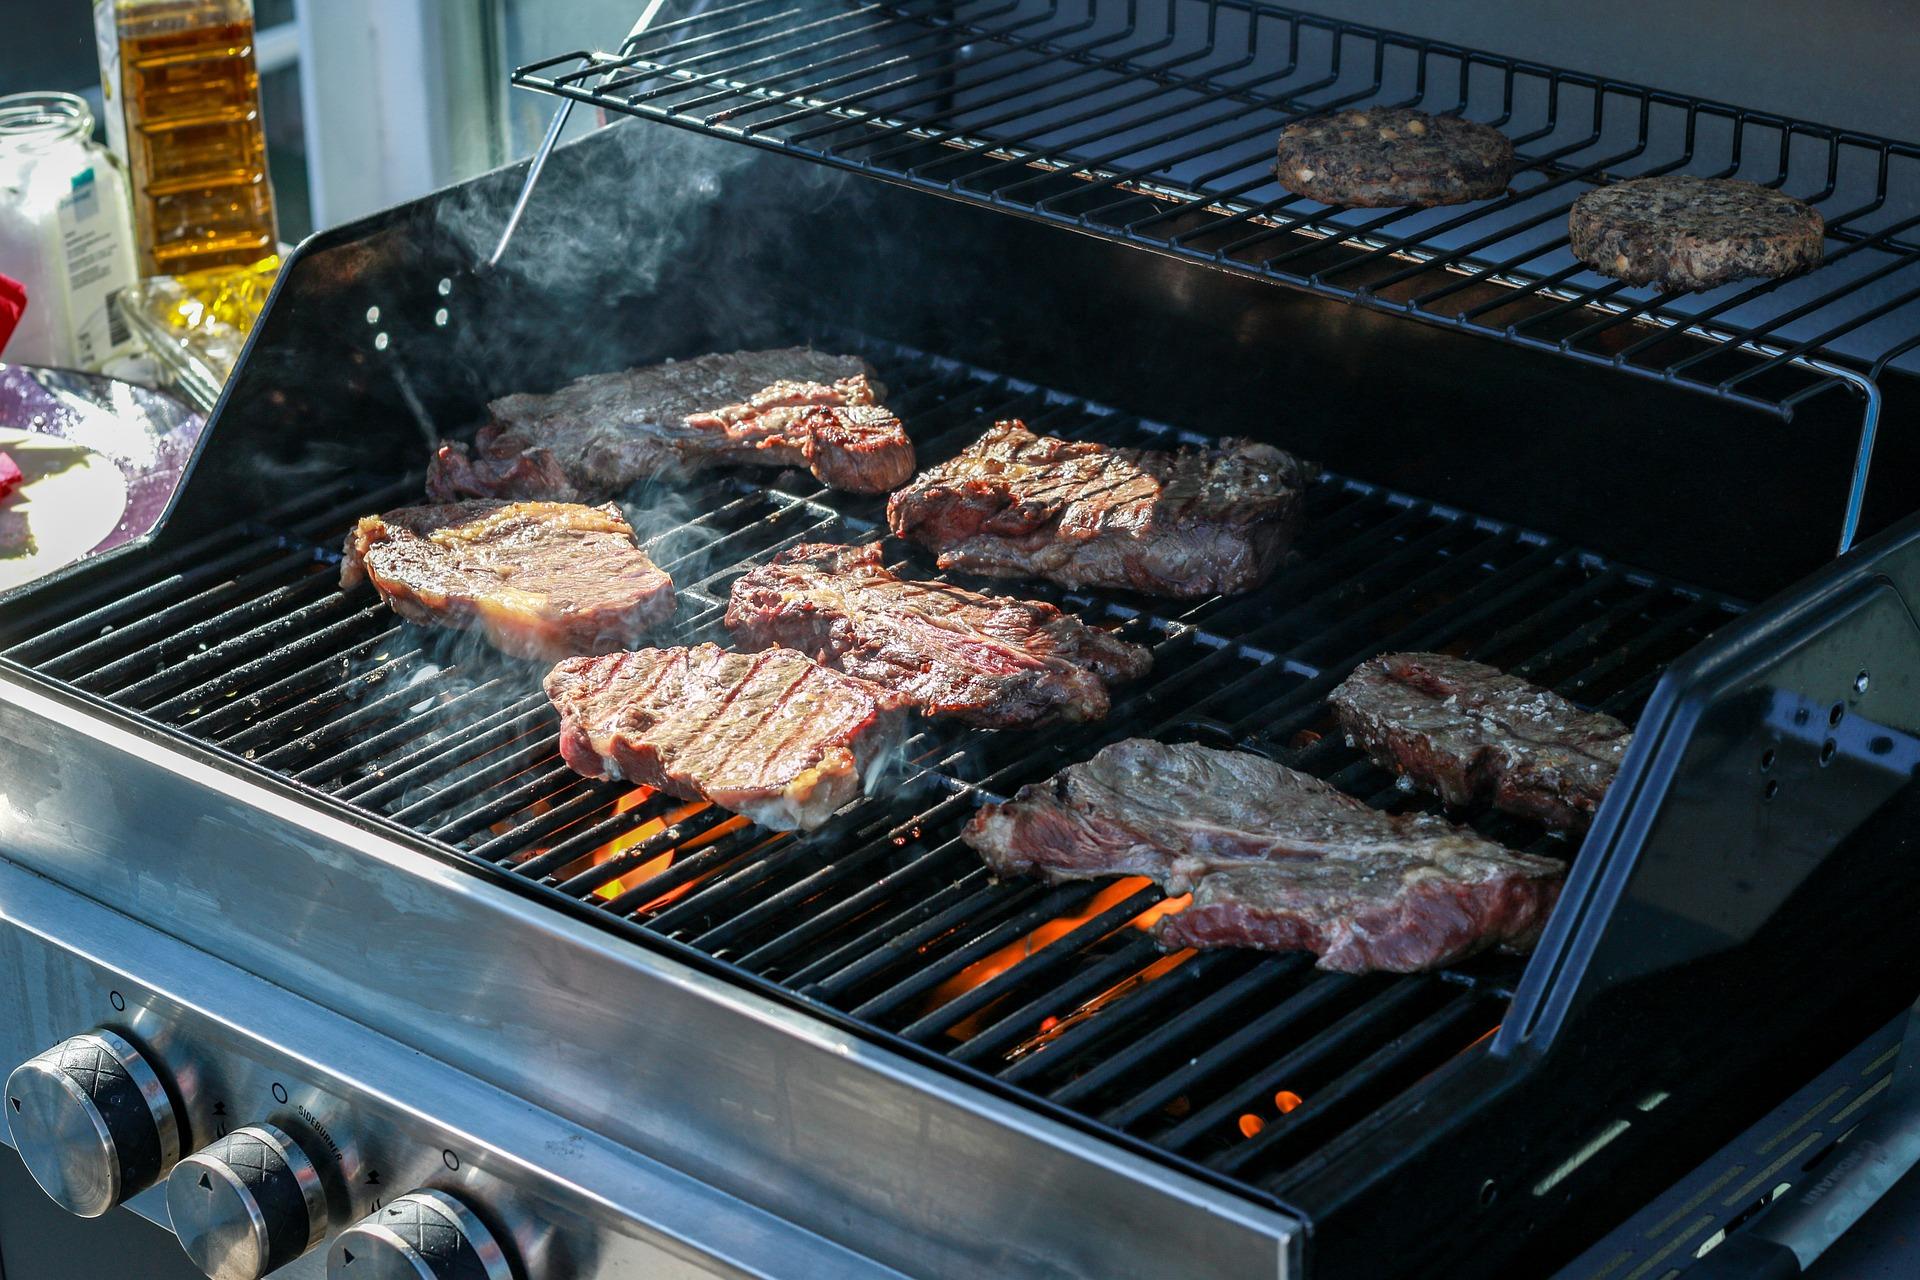 Aldi Gasgrill Diese Woche : Grillen mit gas: vor und nachteile eines gasgrills das grillt!